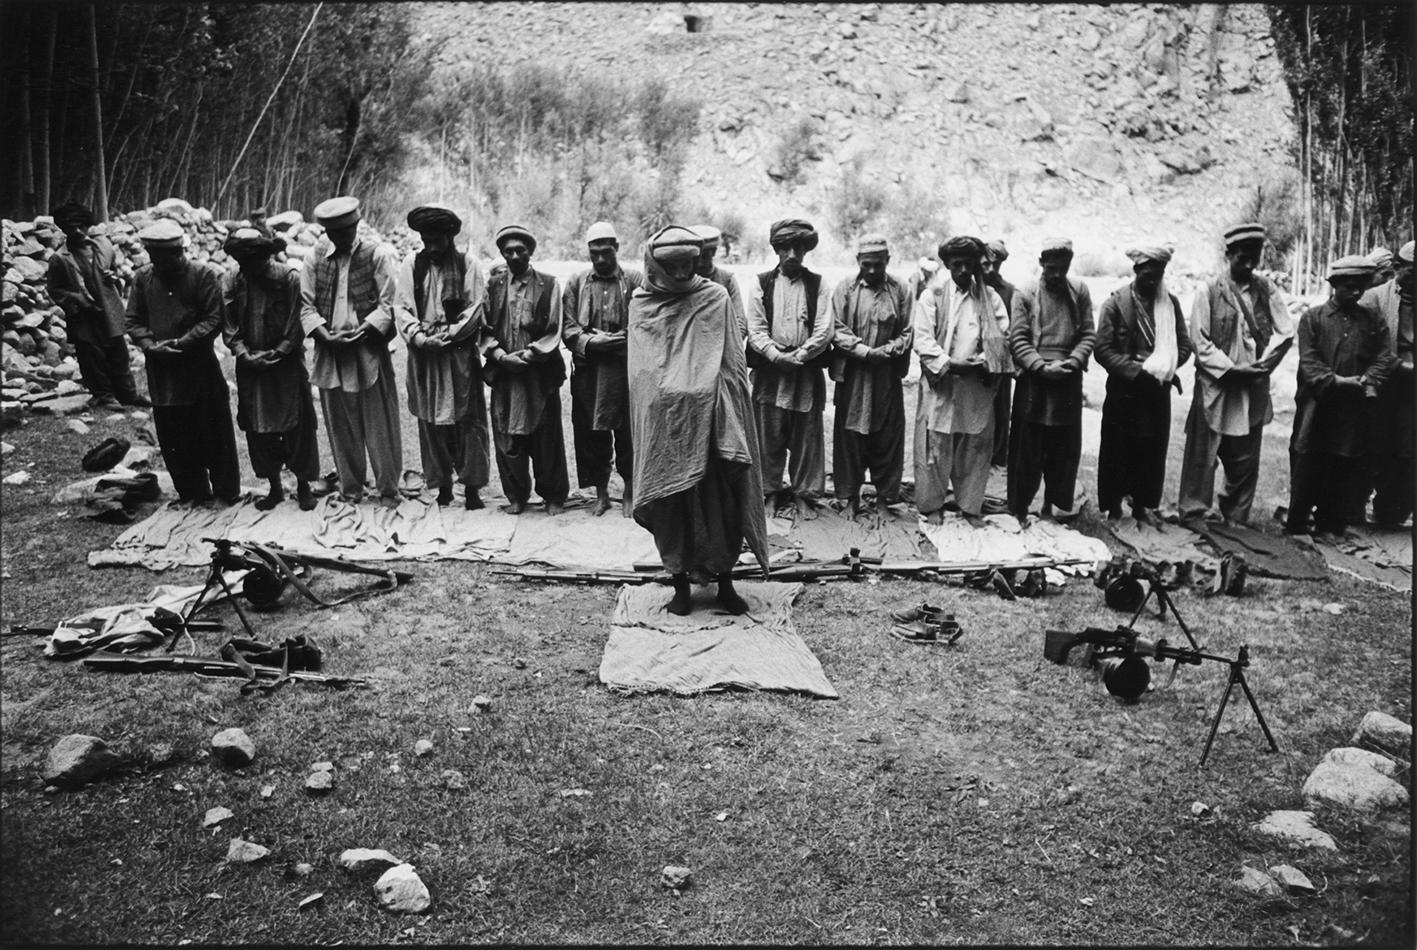 &#169Christine Spengler - Afghanistan, 1981.